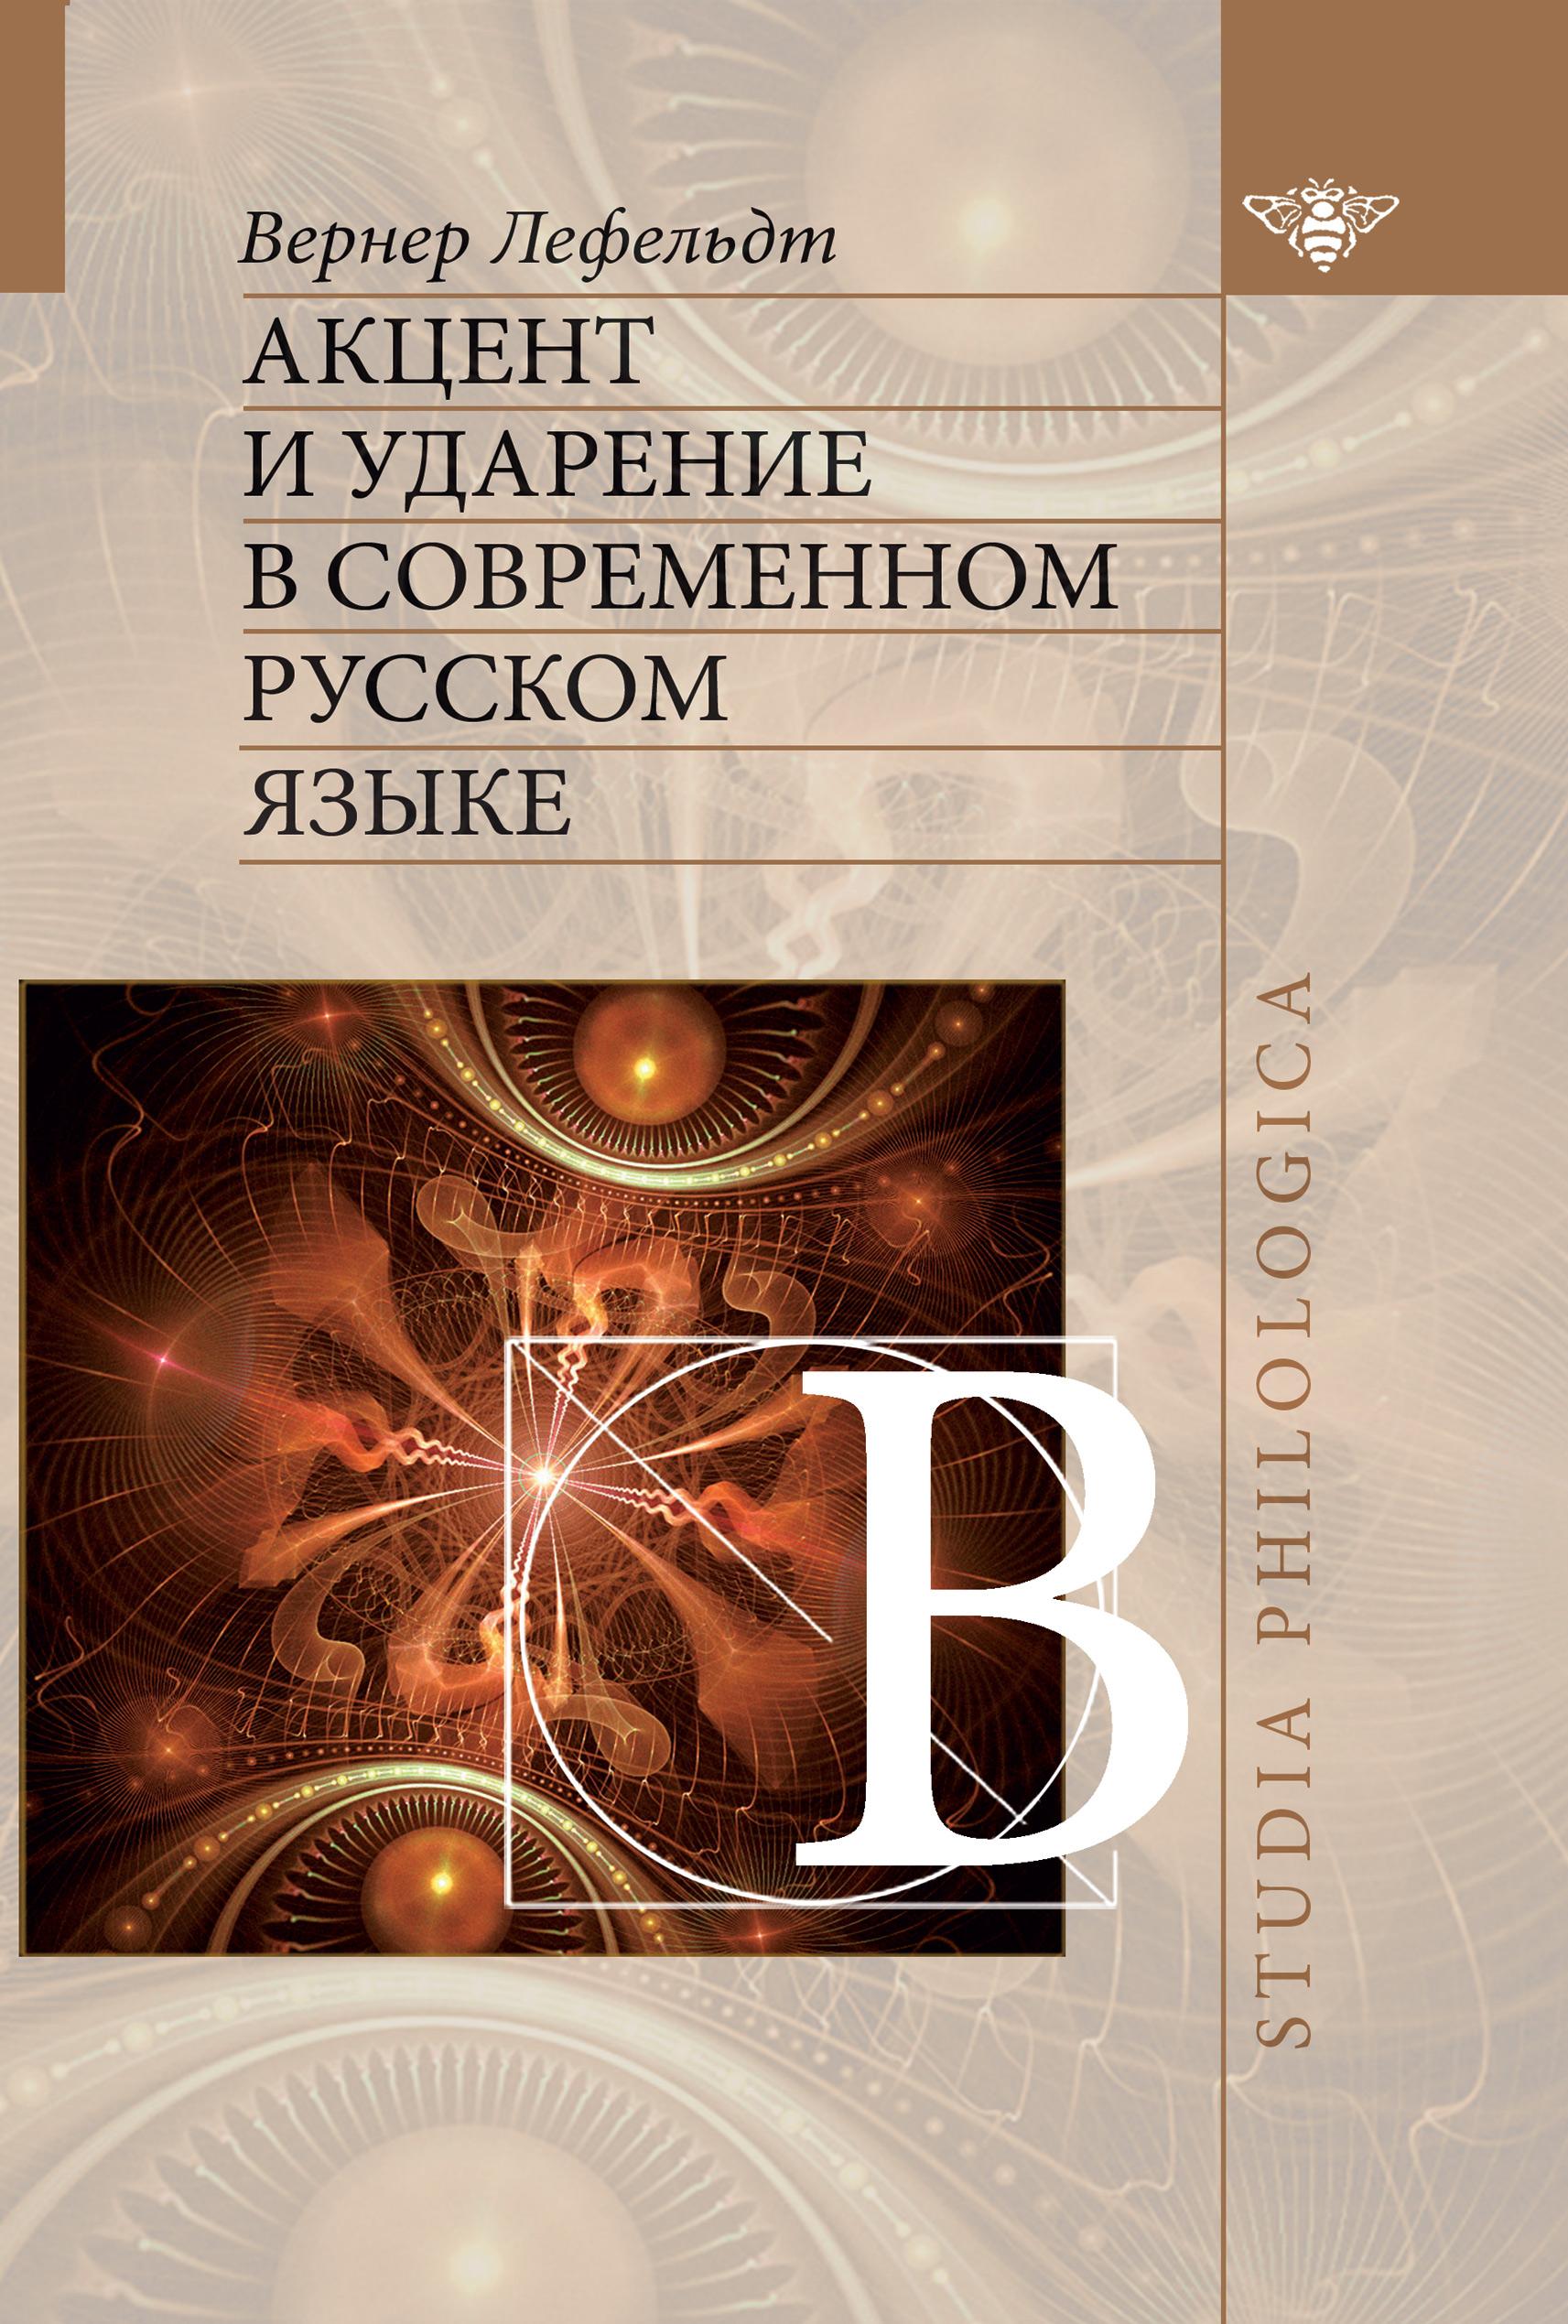 Вернер Лефельдт Акцент и ударение в современном русском языке цена